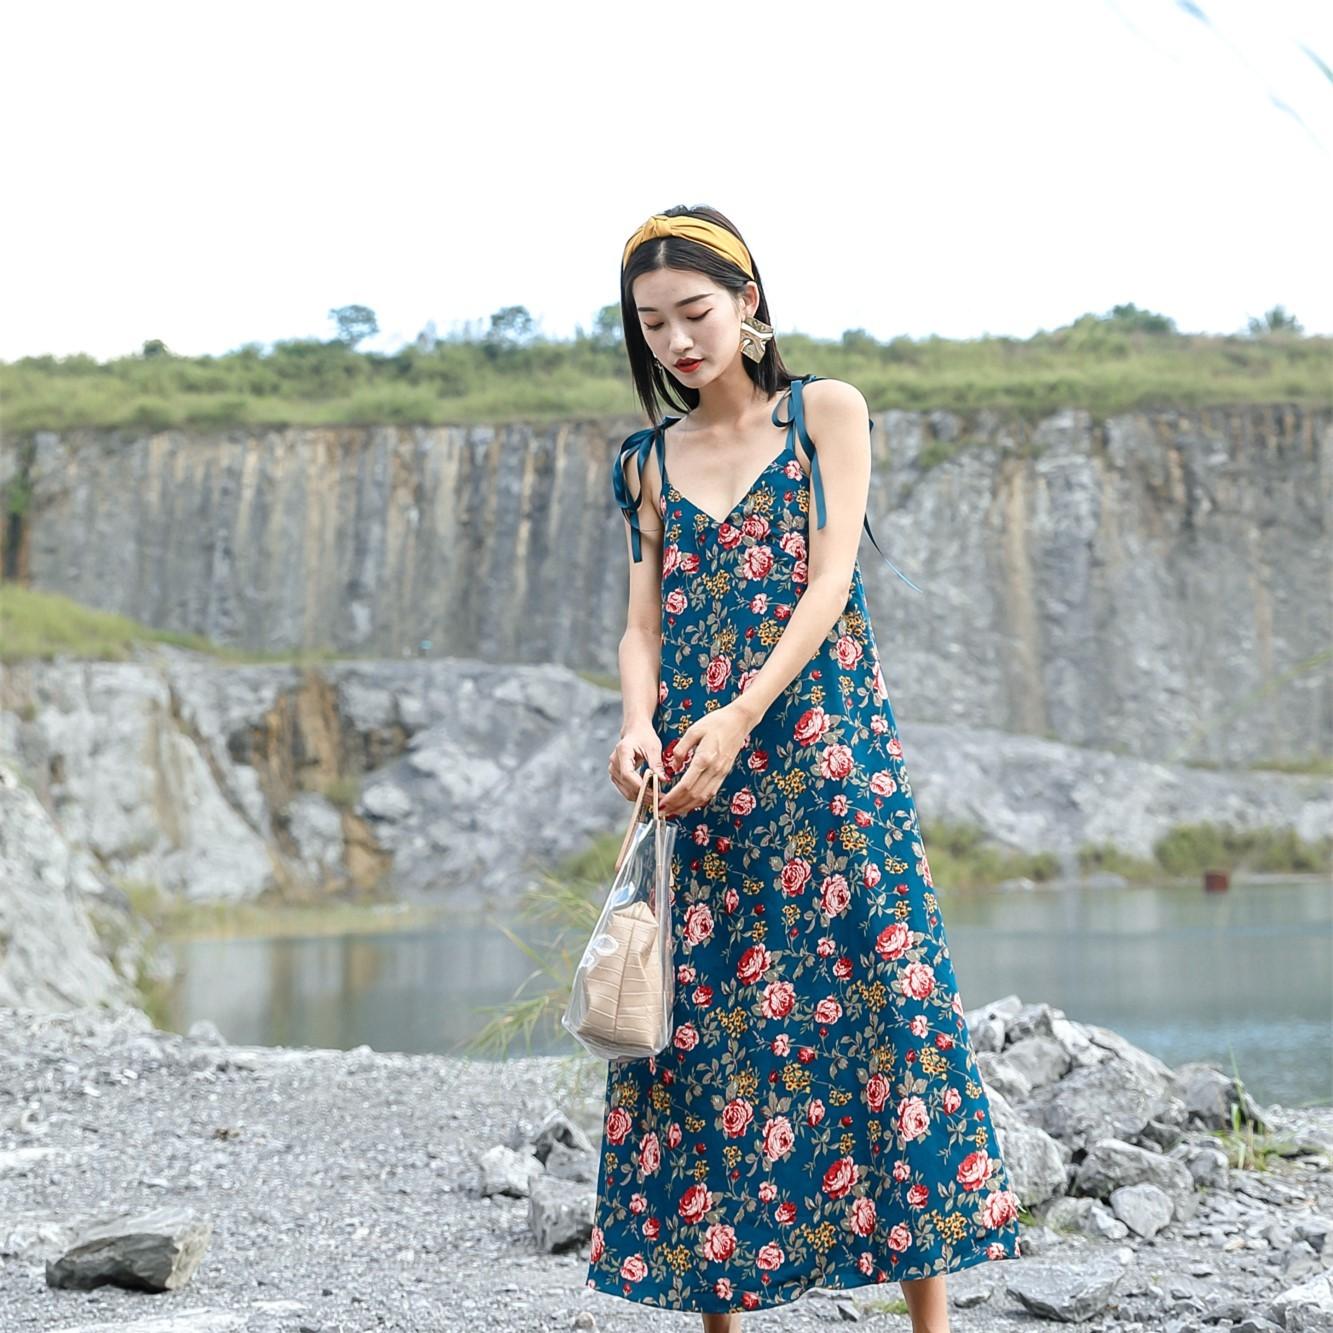 ff308224dbf0a 大きいサイズ キャミワンピ ロング サマードレス 花柄 Vネック バッククロス マキシ丈ワンピース